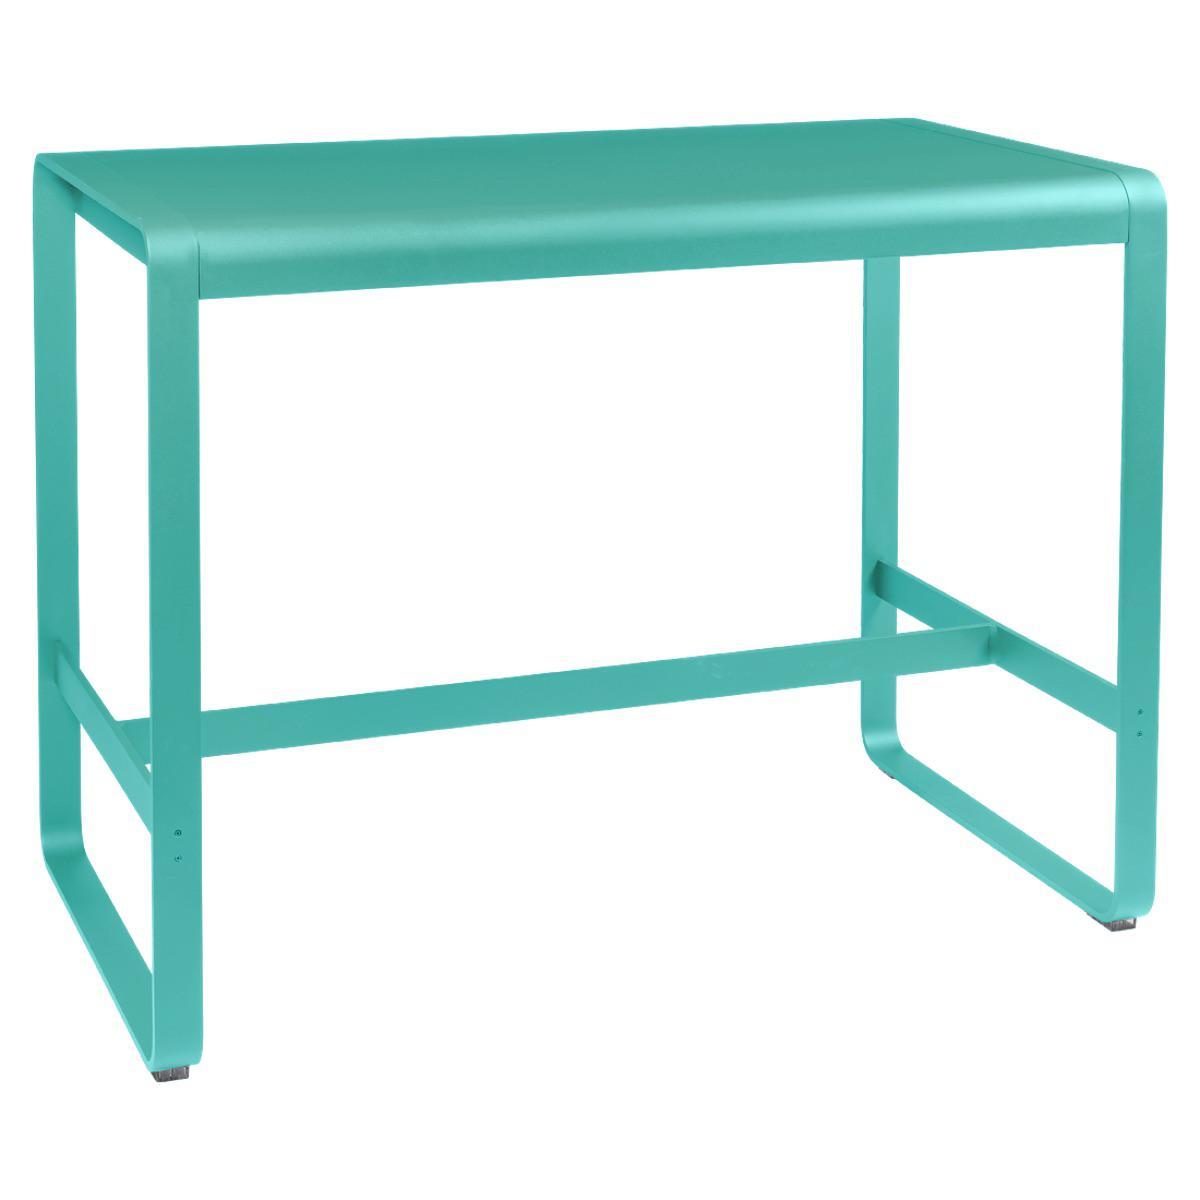 Table haute 80x140cm BELLEVIE Fermob lagune